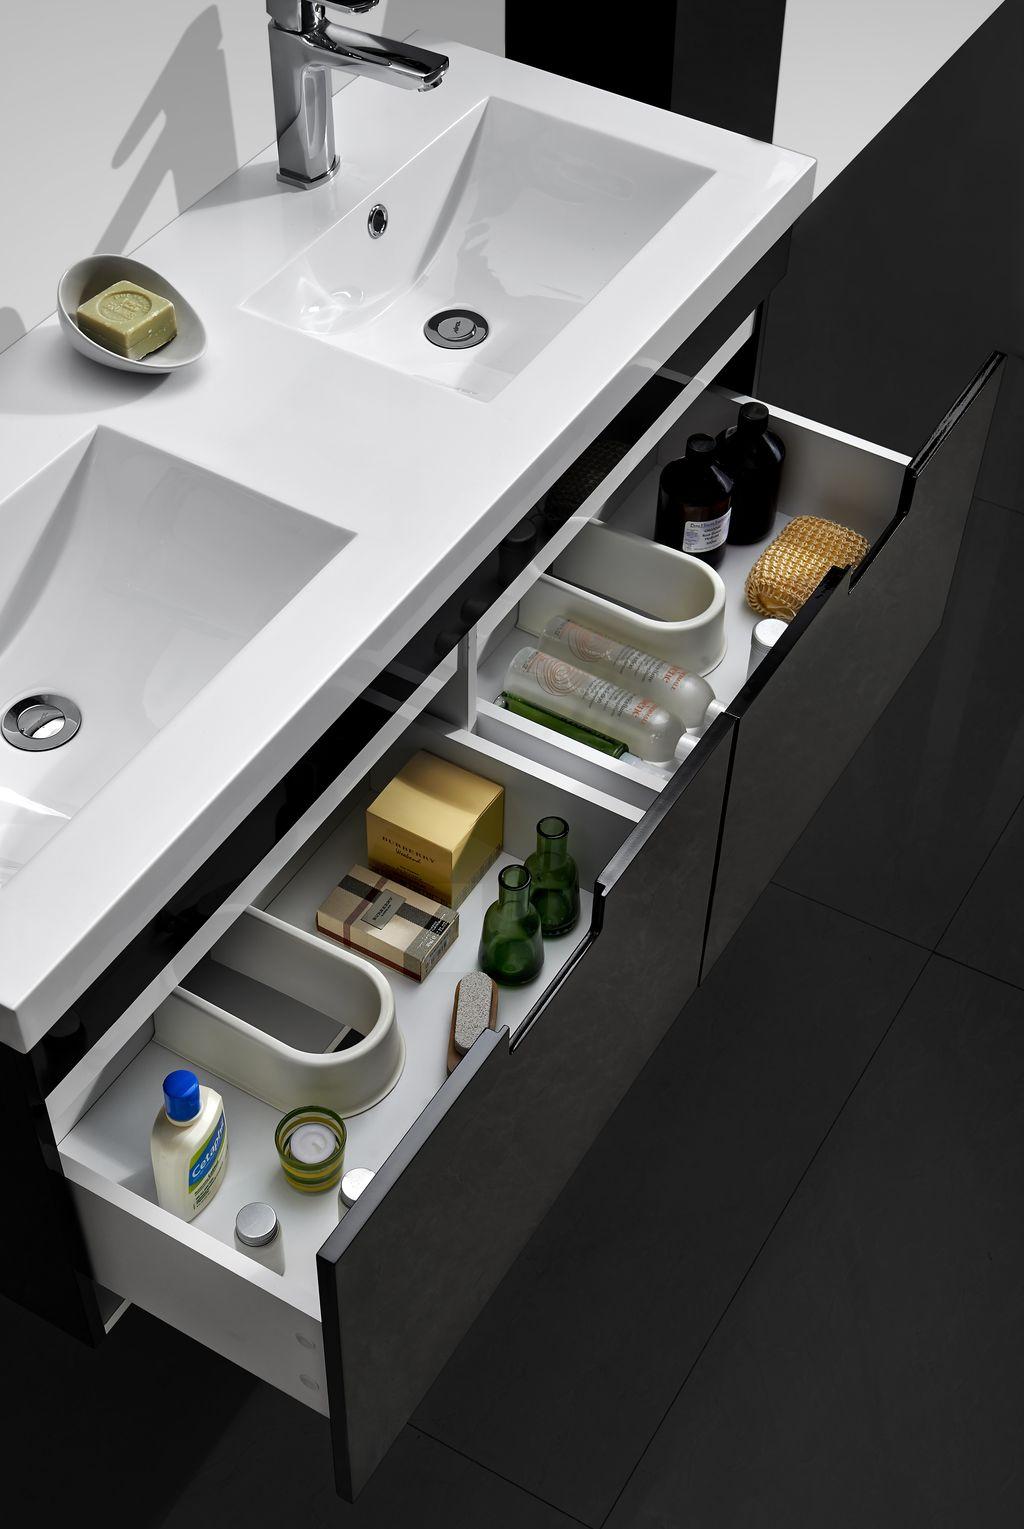 meuble salle bain double vasque 110 cm ce meuble livr mont est quip de 2 - Une Salle De Bain Est Equipee Dune Vasque